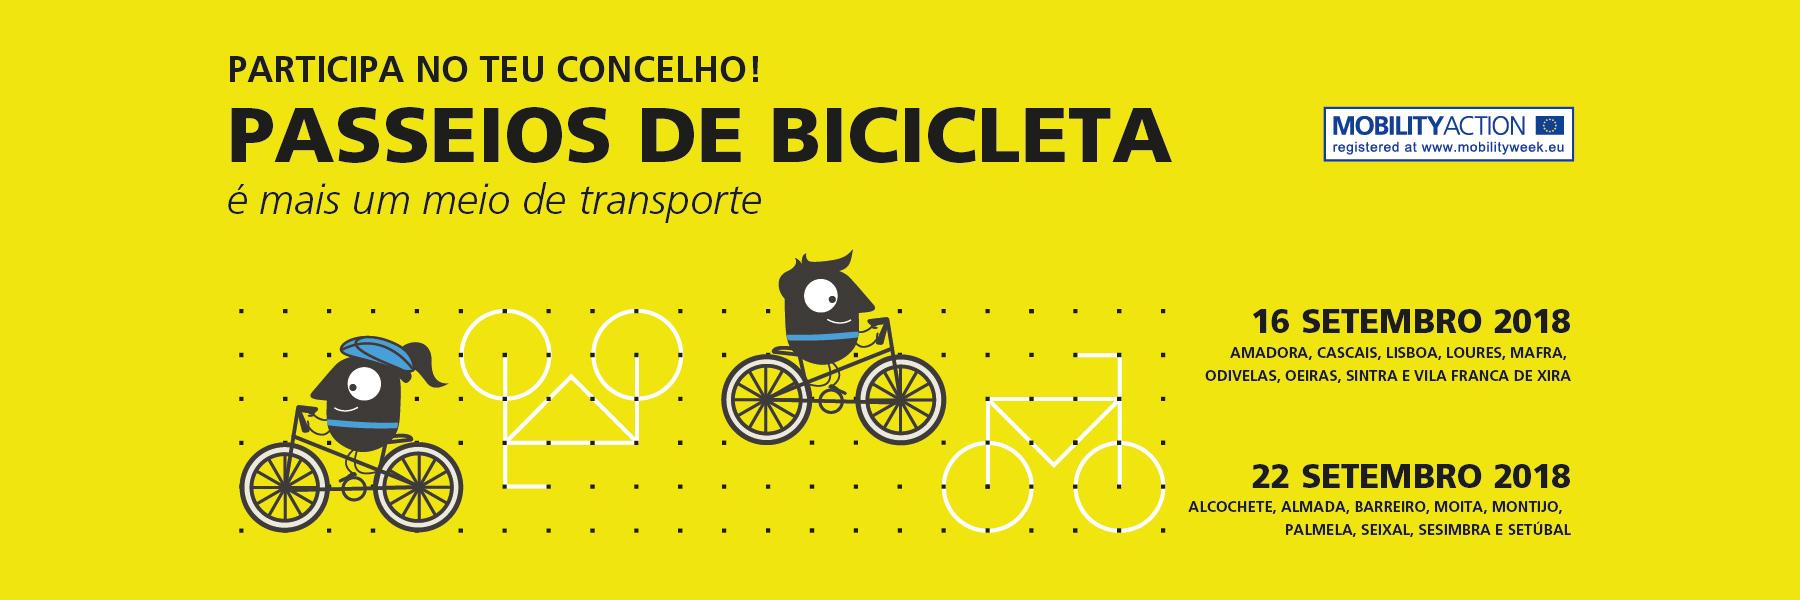 Ações de Sensibilização no Dia Europeu Sem Carros